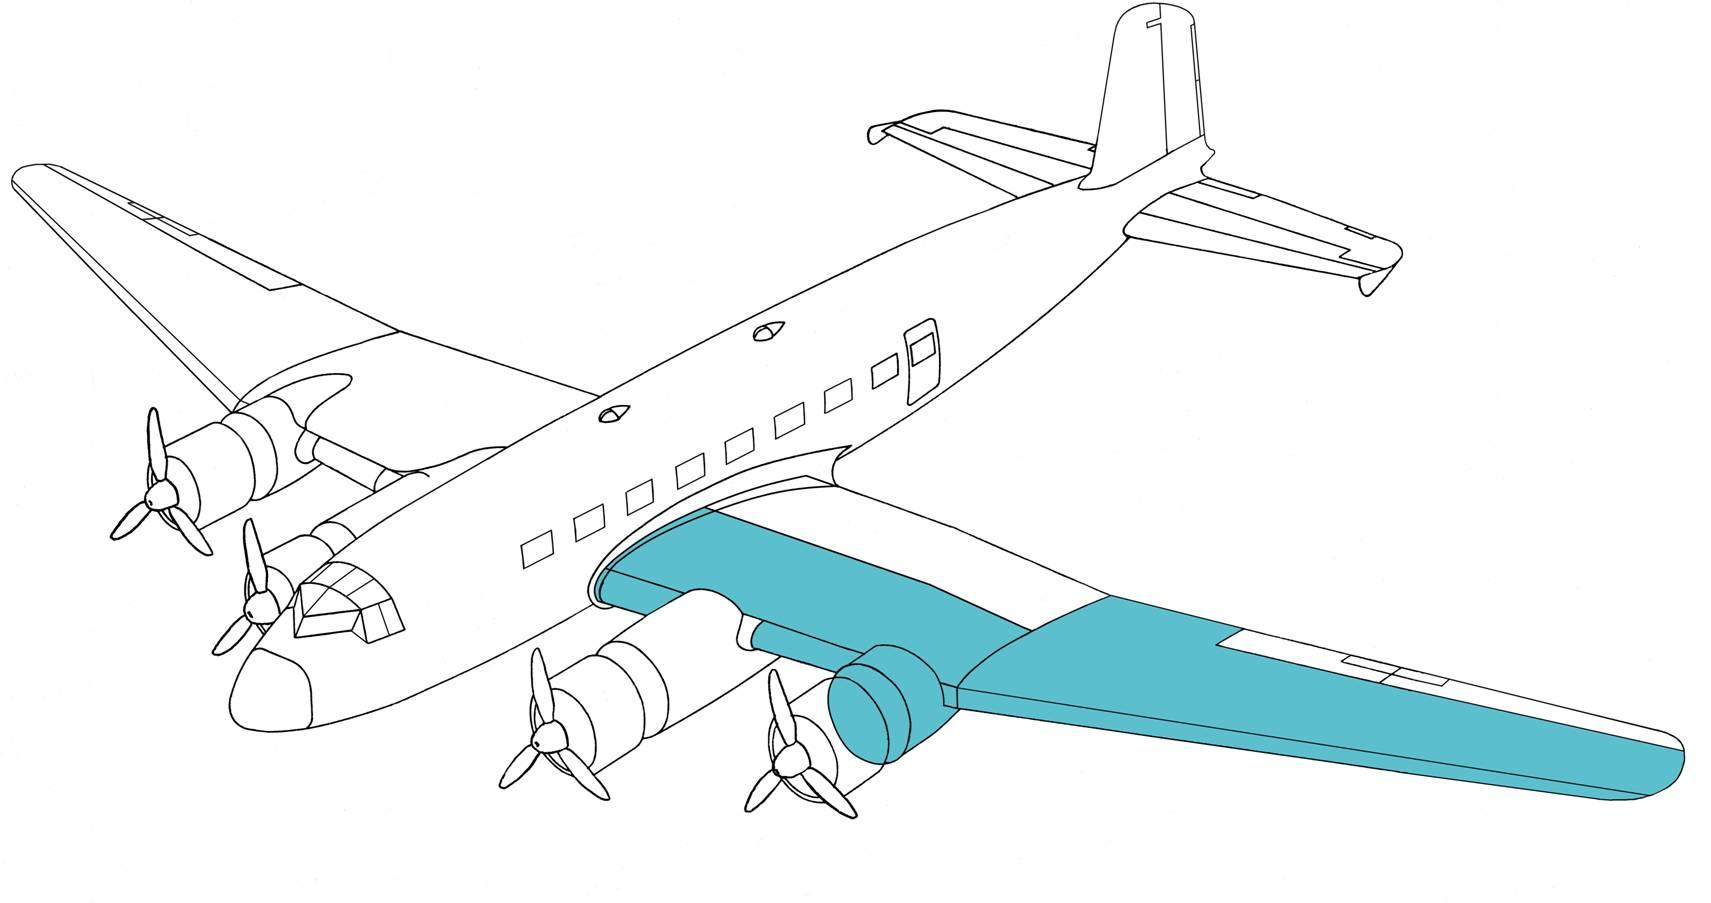 neu, Test-Zusammenbau Innenflügel li. mit Außenflügel l. markiert